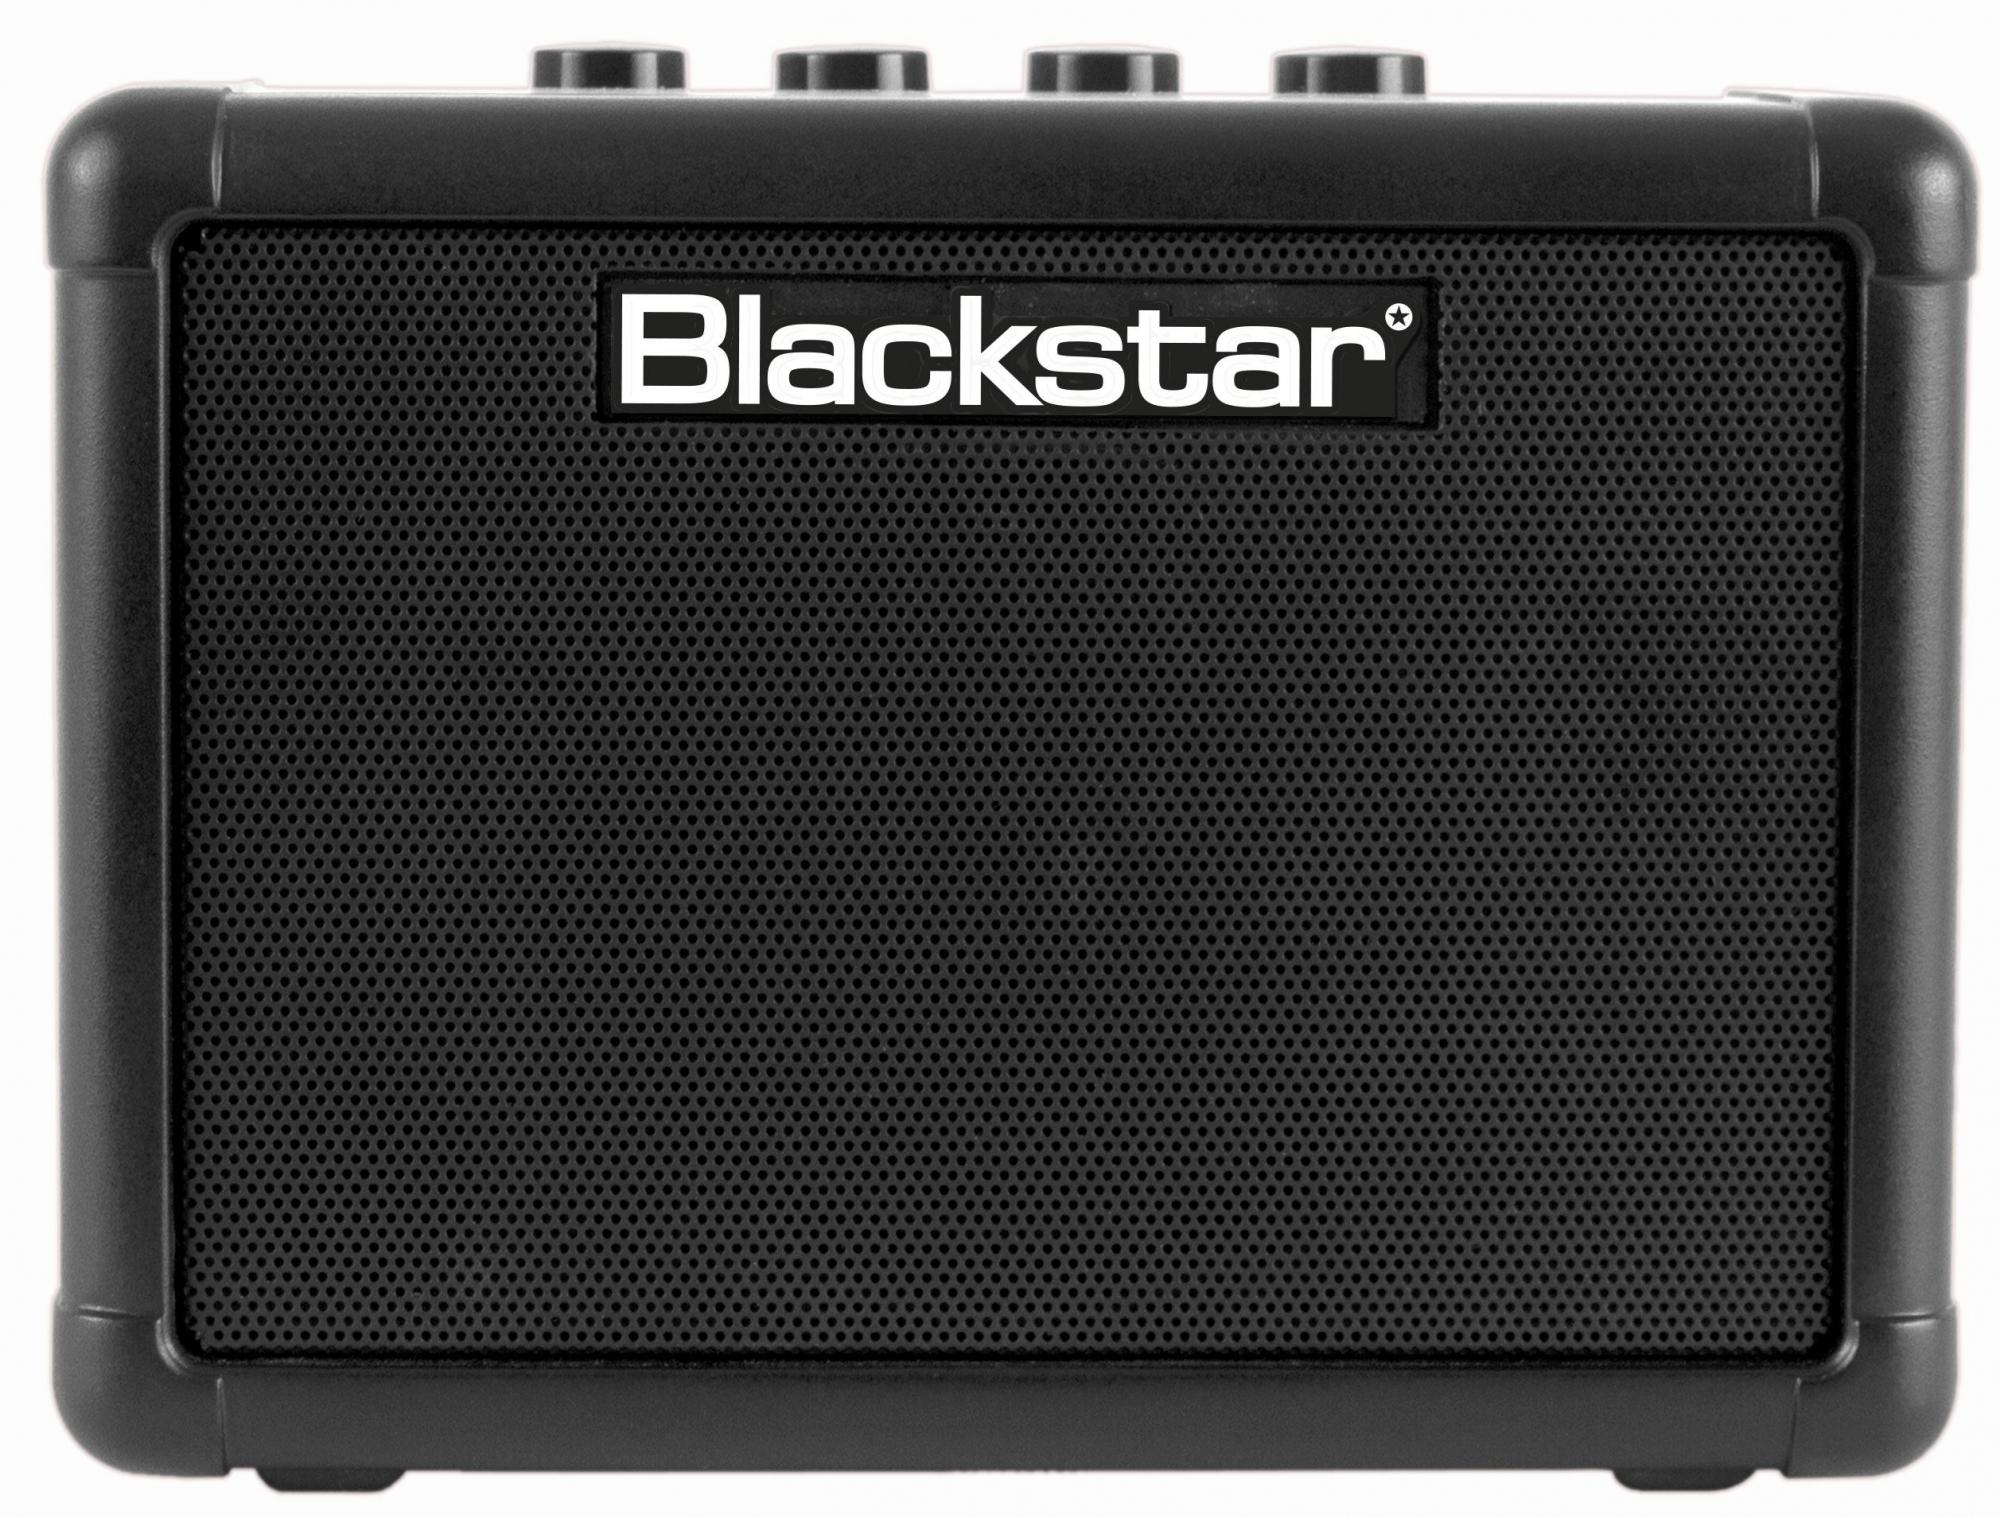 Billede af Blackstar Fly 3 Guitar Combo